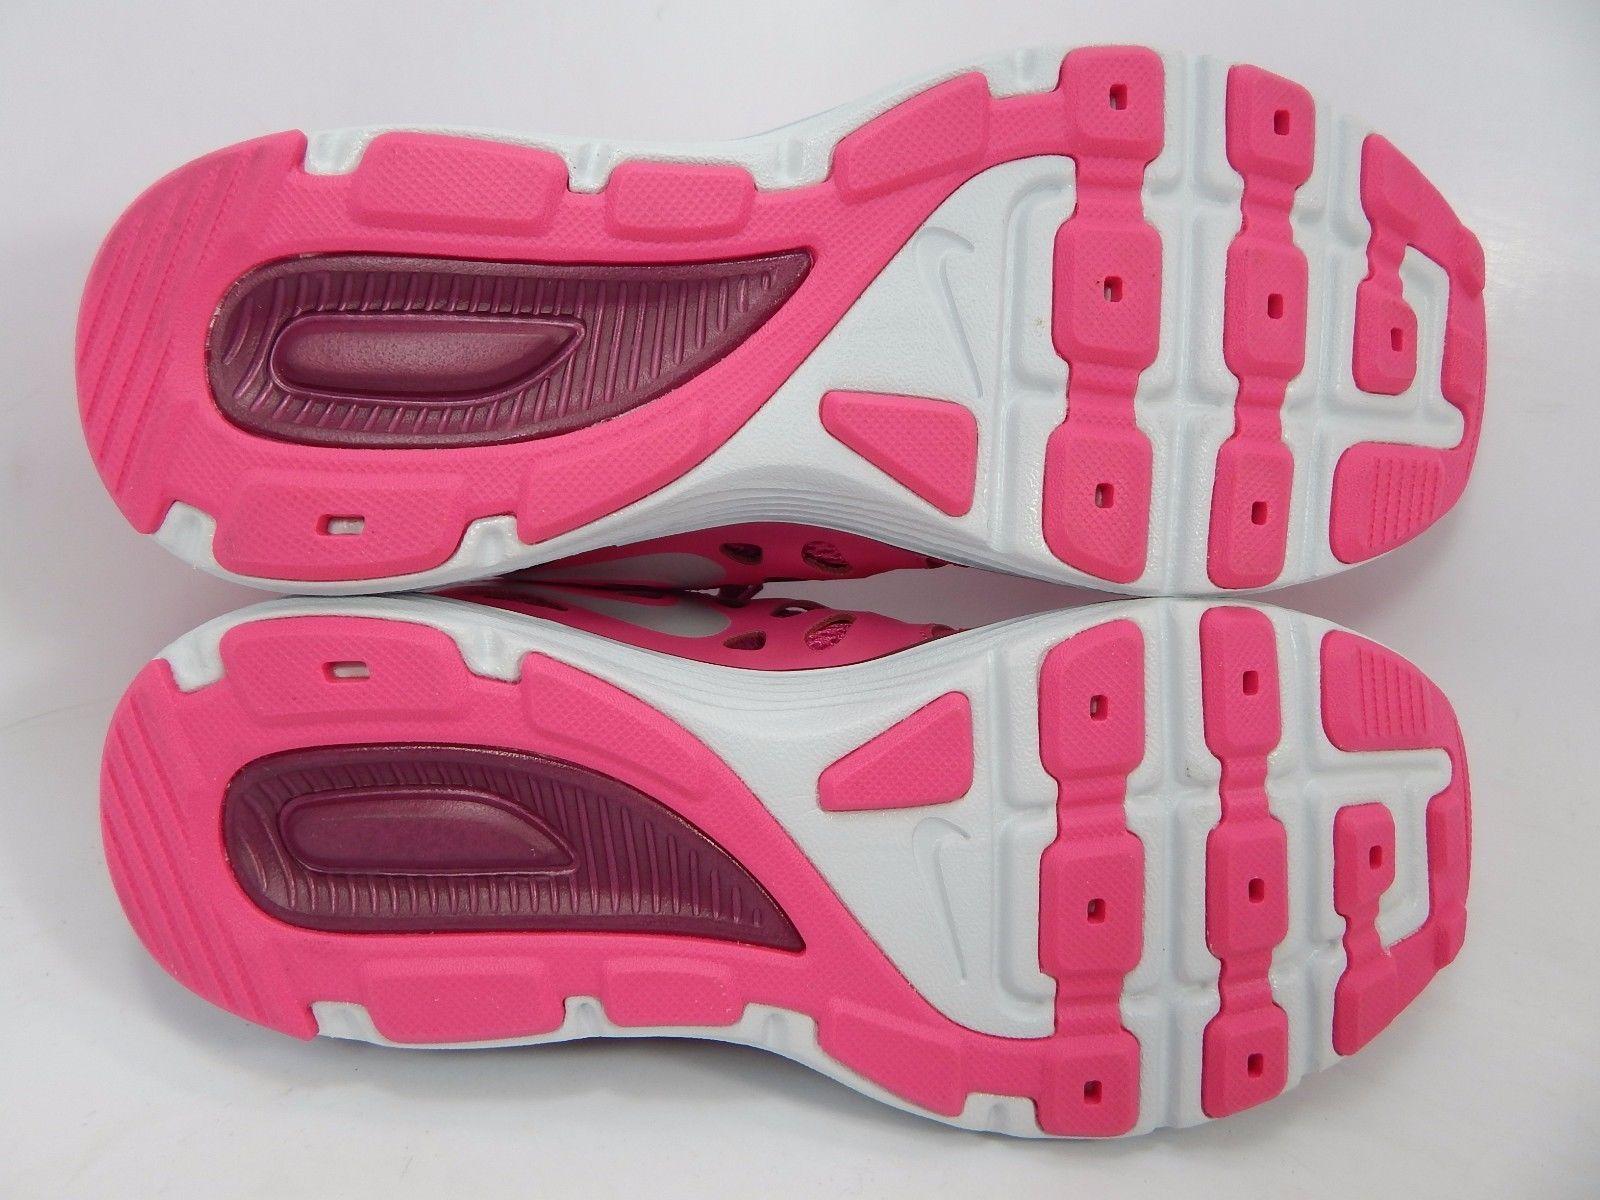 Nike Dual Fusion Lite Women's Running Shoes Size US 6.5 M (B) EU 37.5 Gray